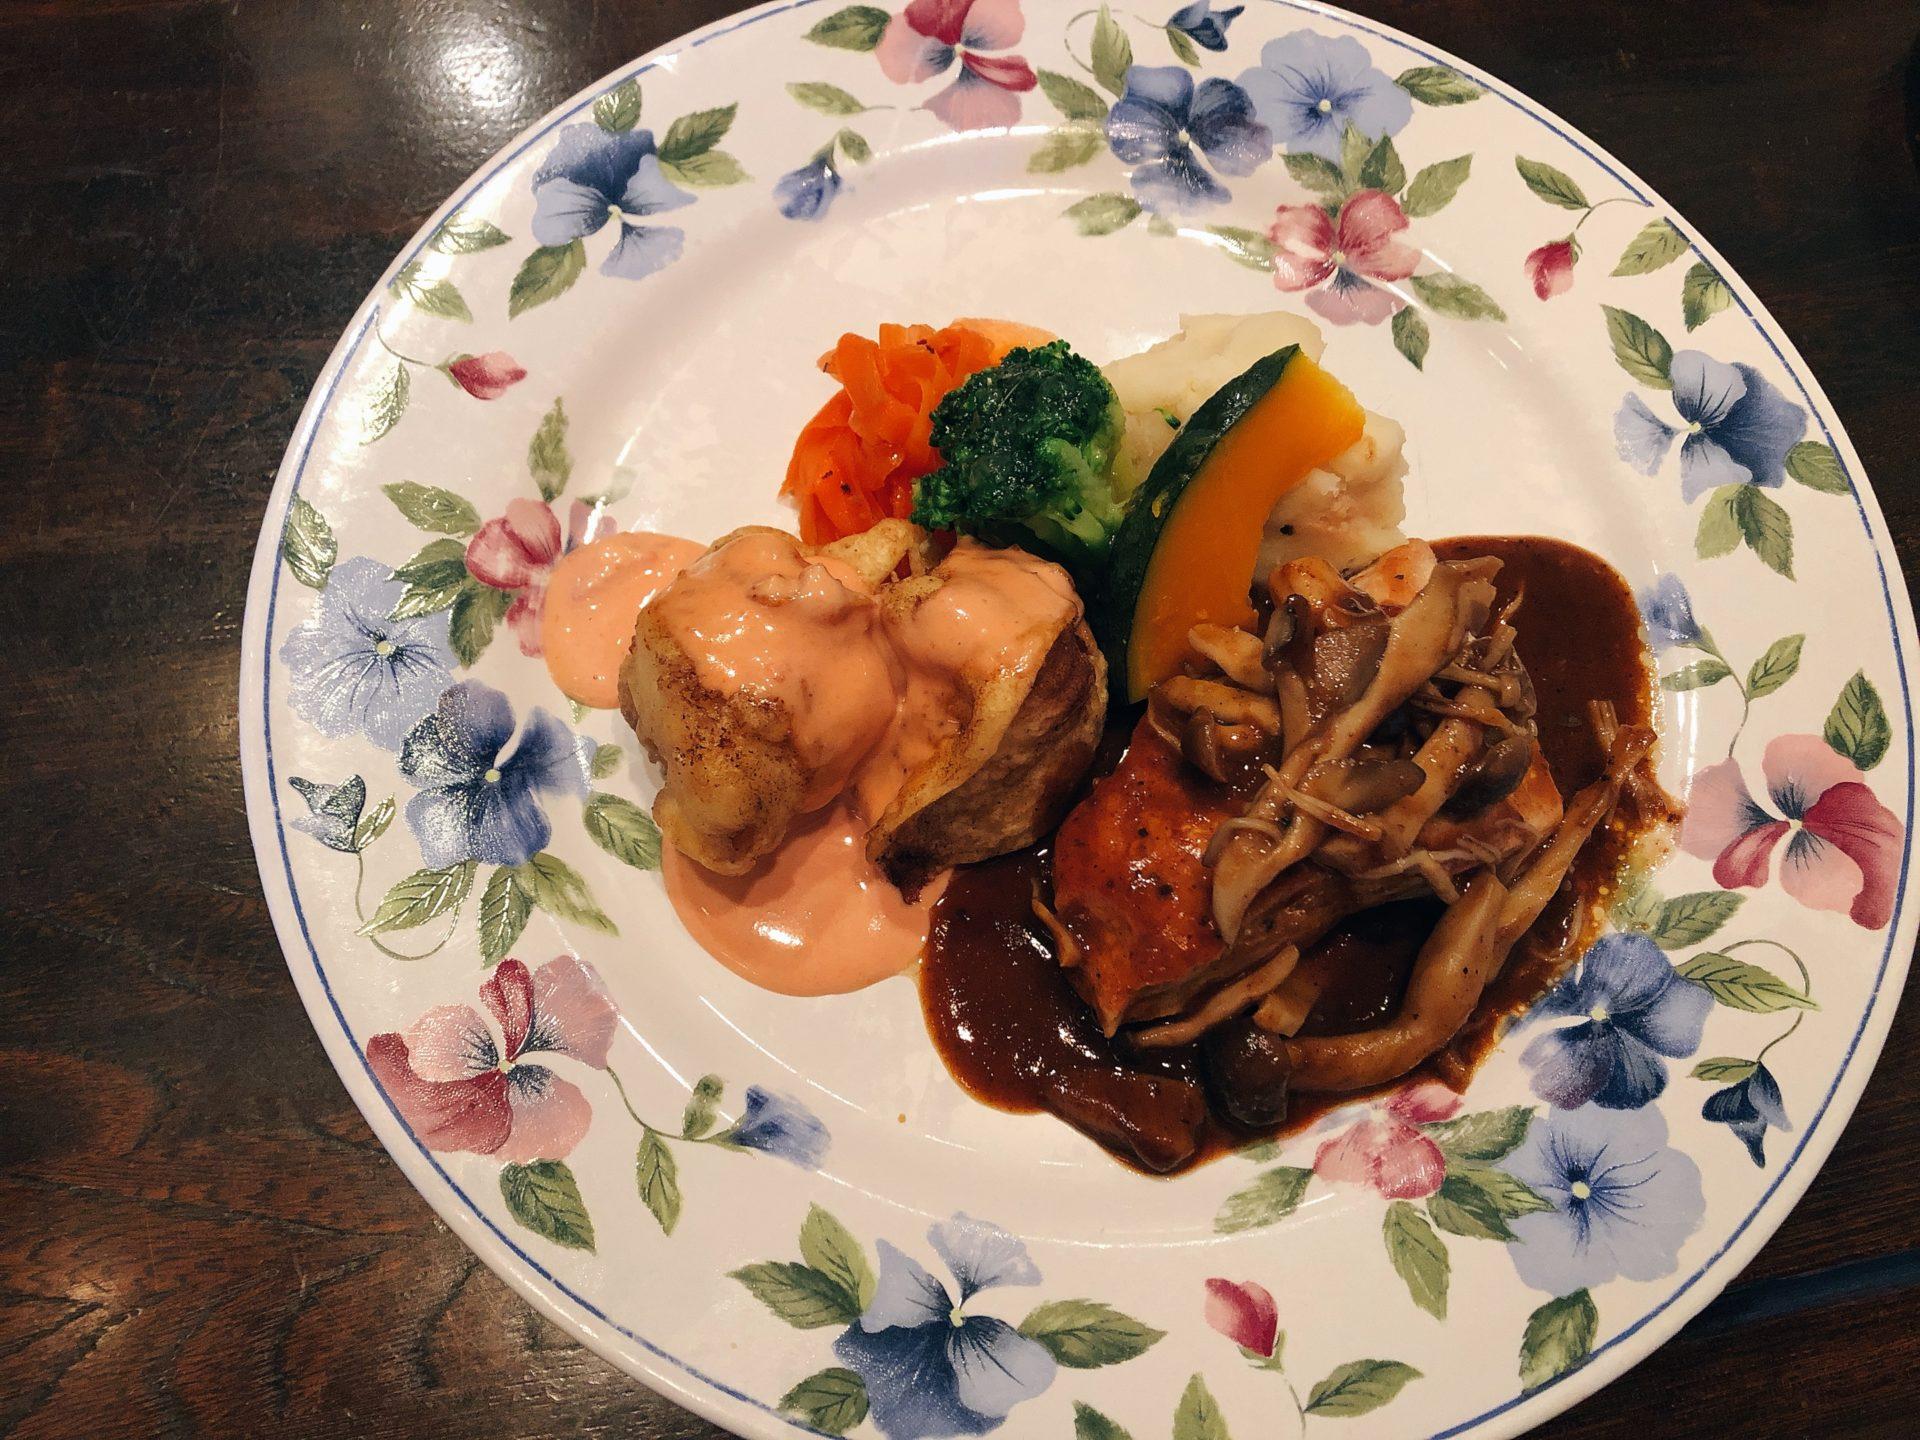 岡山市中区 YSタウン円山1F 洋食のお店【カフェレストラン アンジュール】で魚も肉も入った人気のよくばりランチを堪能する!